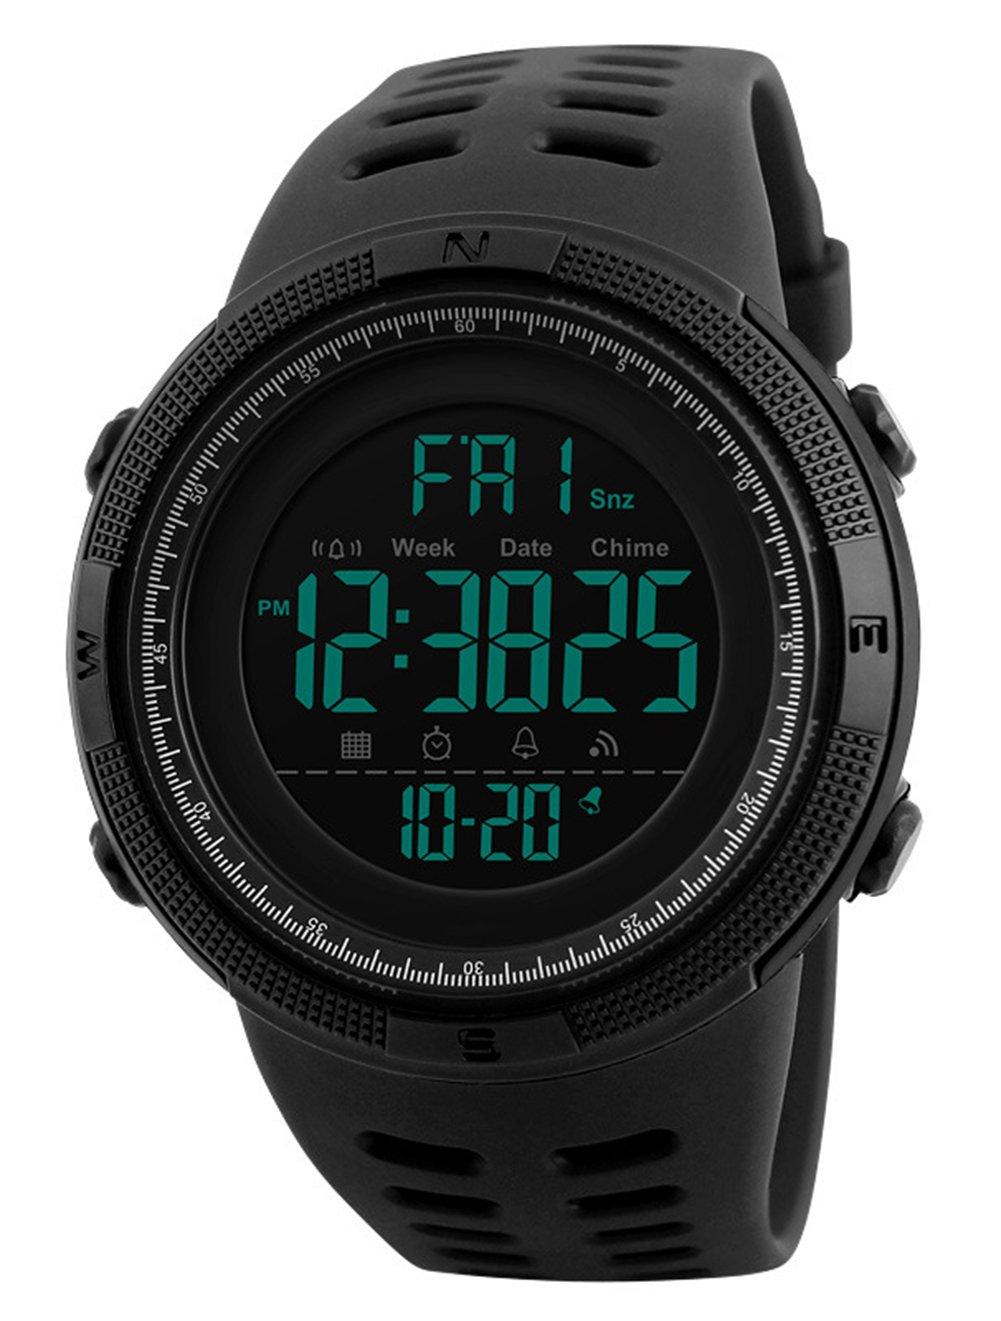 Herren Digital Sport Uhren - Outdoor wasserdichte Armbanduhr mit Wecker Chronograph und Countdown Uhr, LED Licht Gummi Schwarz große Anzeige Digitaluhren für Herren